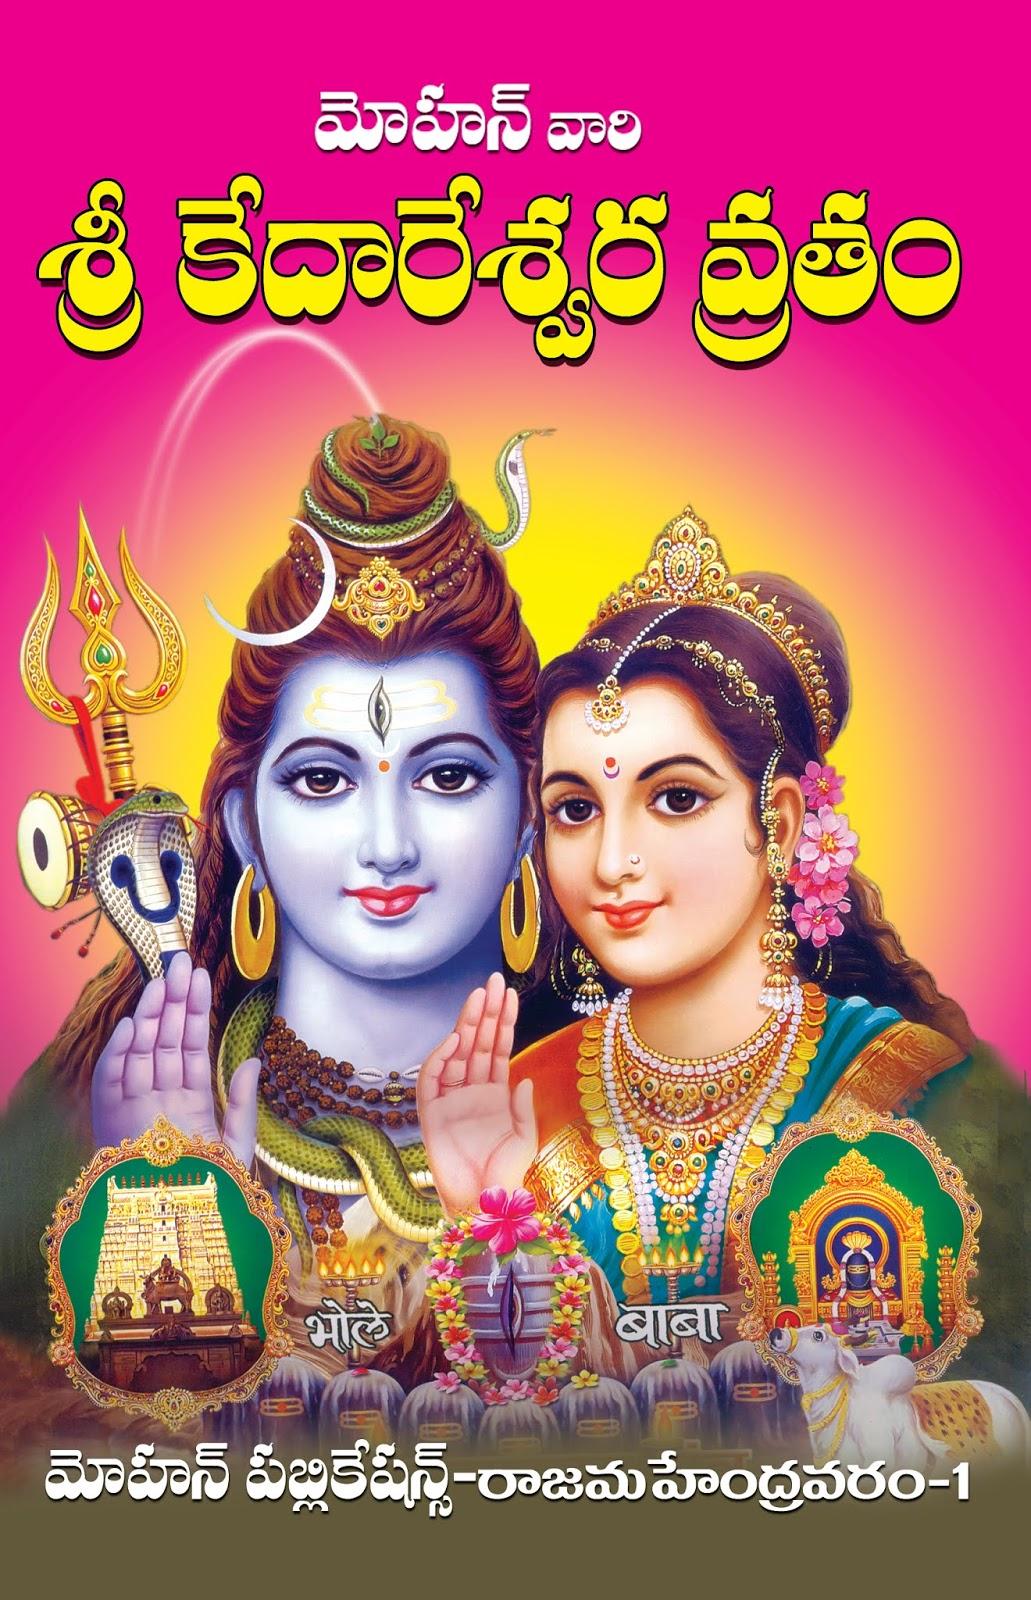 కేదారేశ్వర వ్రతం | Kedareswara Vratam | GRANTHANIDHI | MOHANPUBLICATIONS | bhaktipustakalu